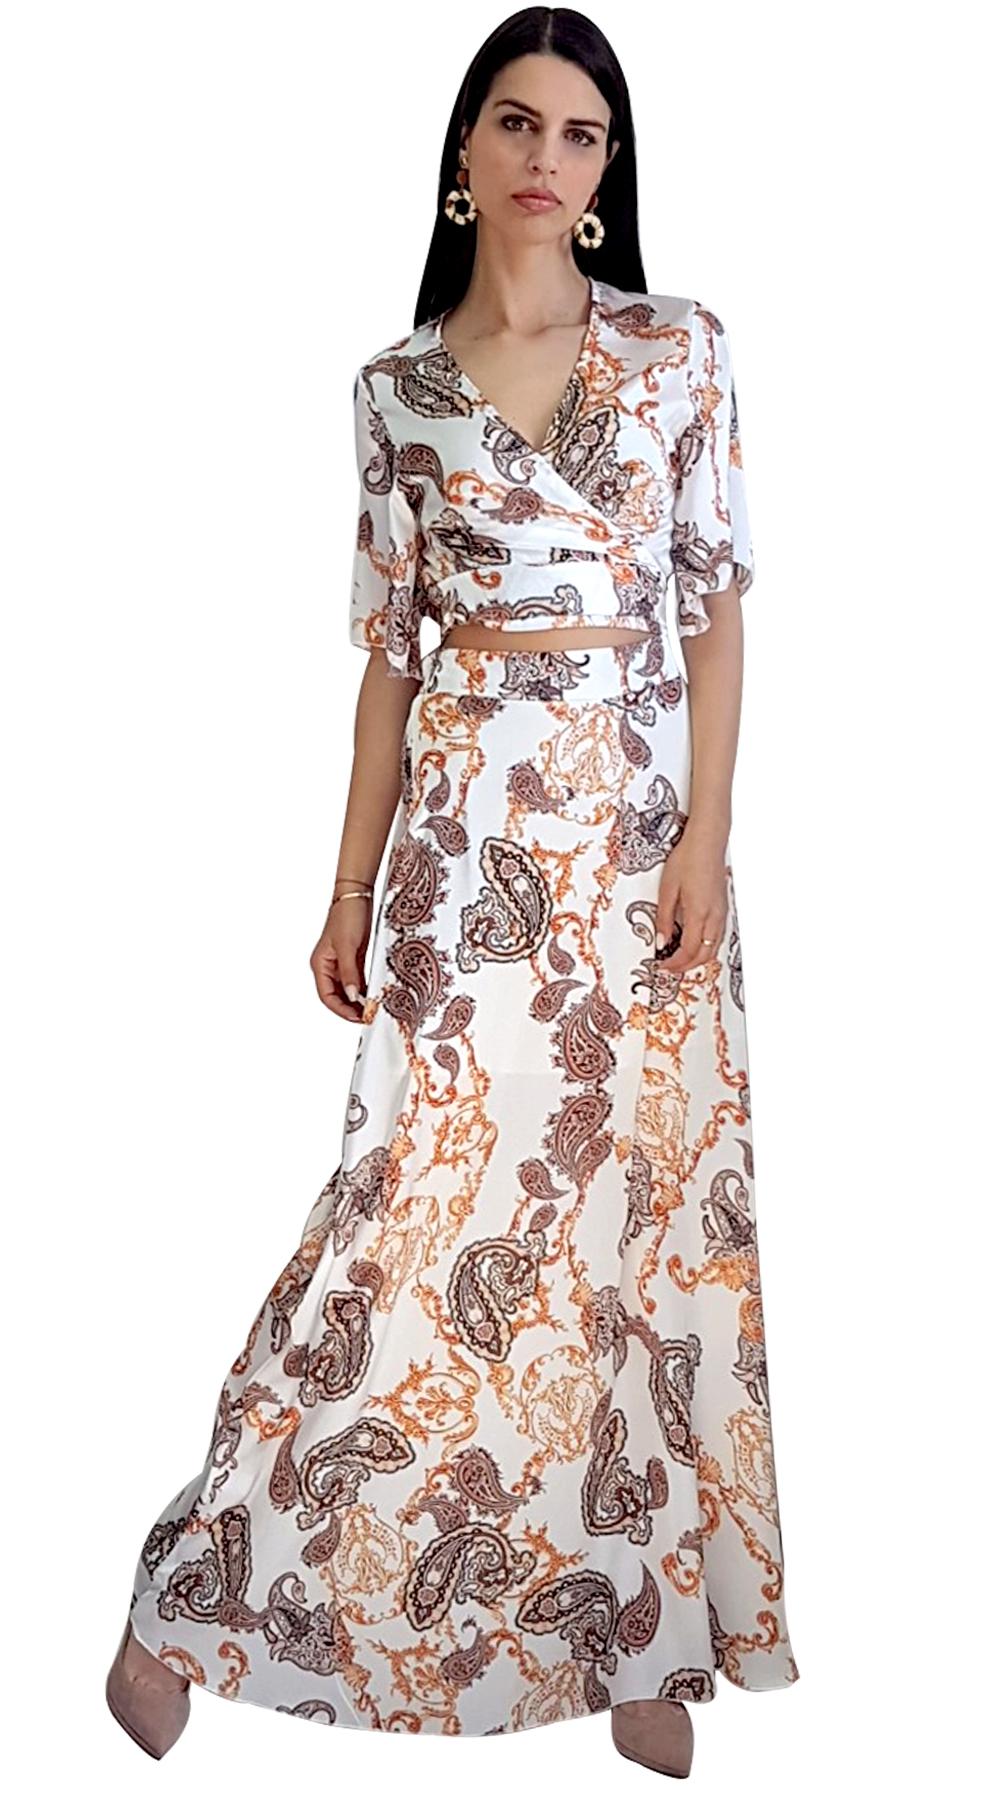 Σατινέ Έθνικ Σετ Κρουαζέ Μπούστο με Μάξι Φούστα LOVE ME - LOVE ME - SP19LV-93027 μπλούζες   t shirts elegant tops